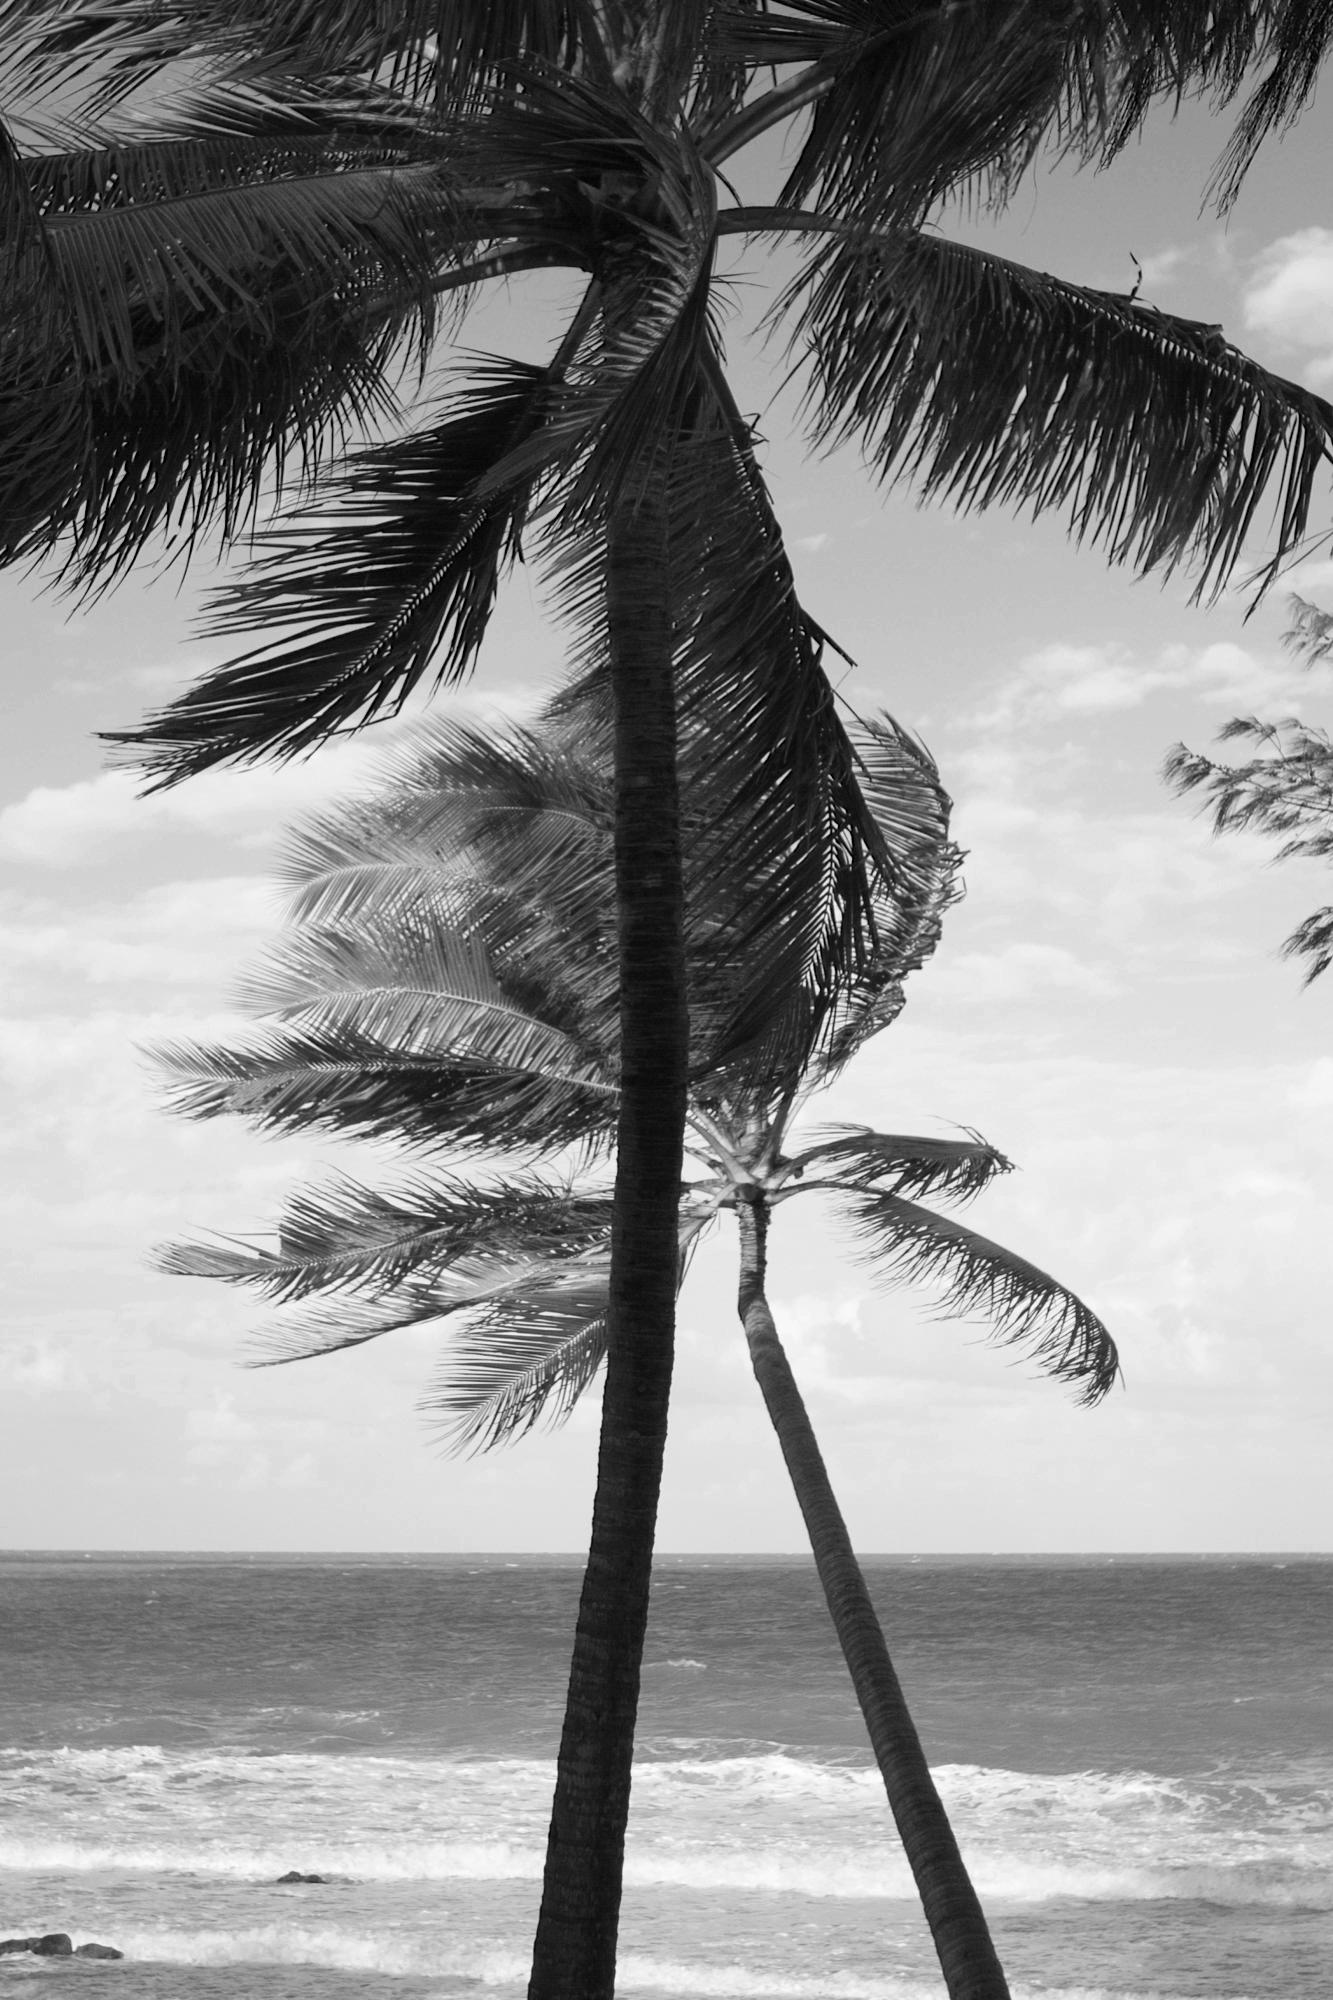 thala-beach-007g